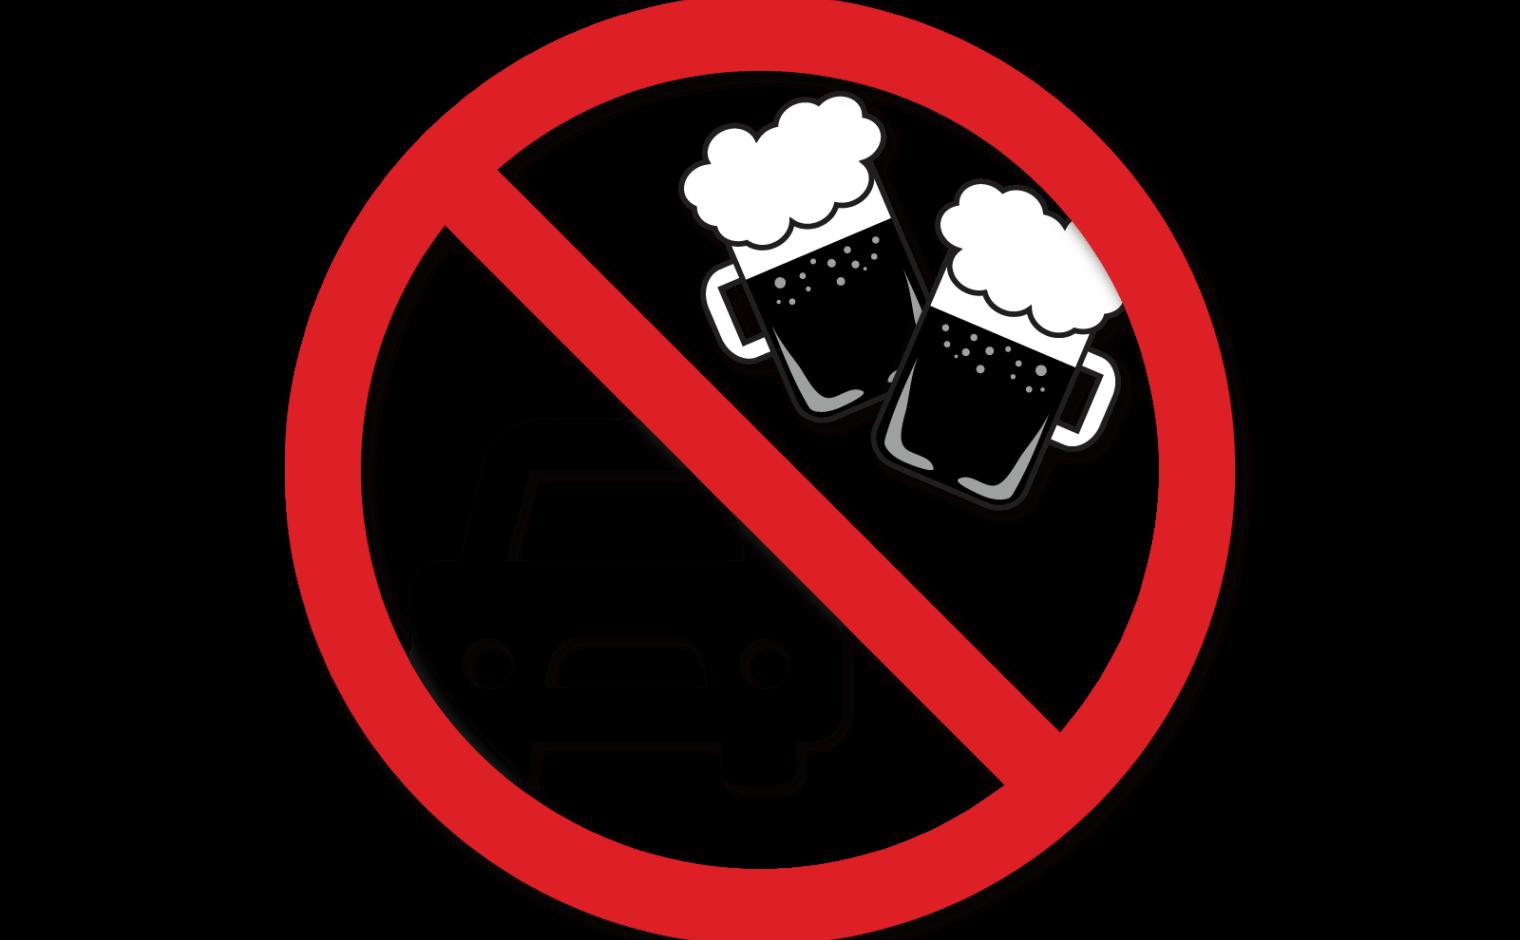 飲酒運転の基準